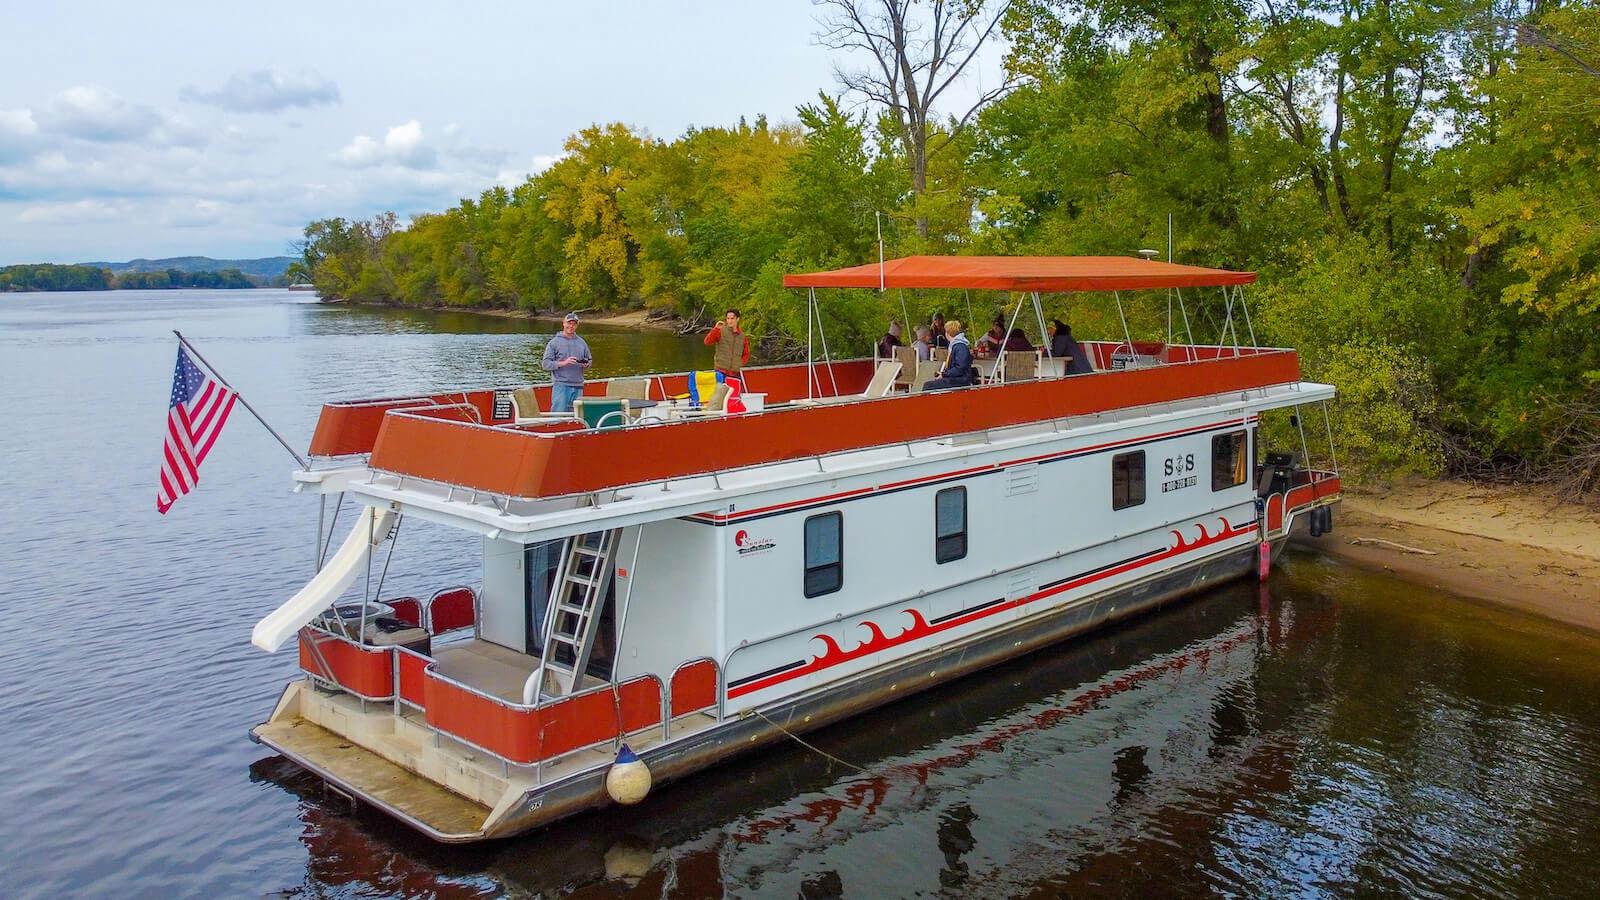 Monticello house boat